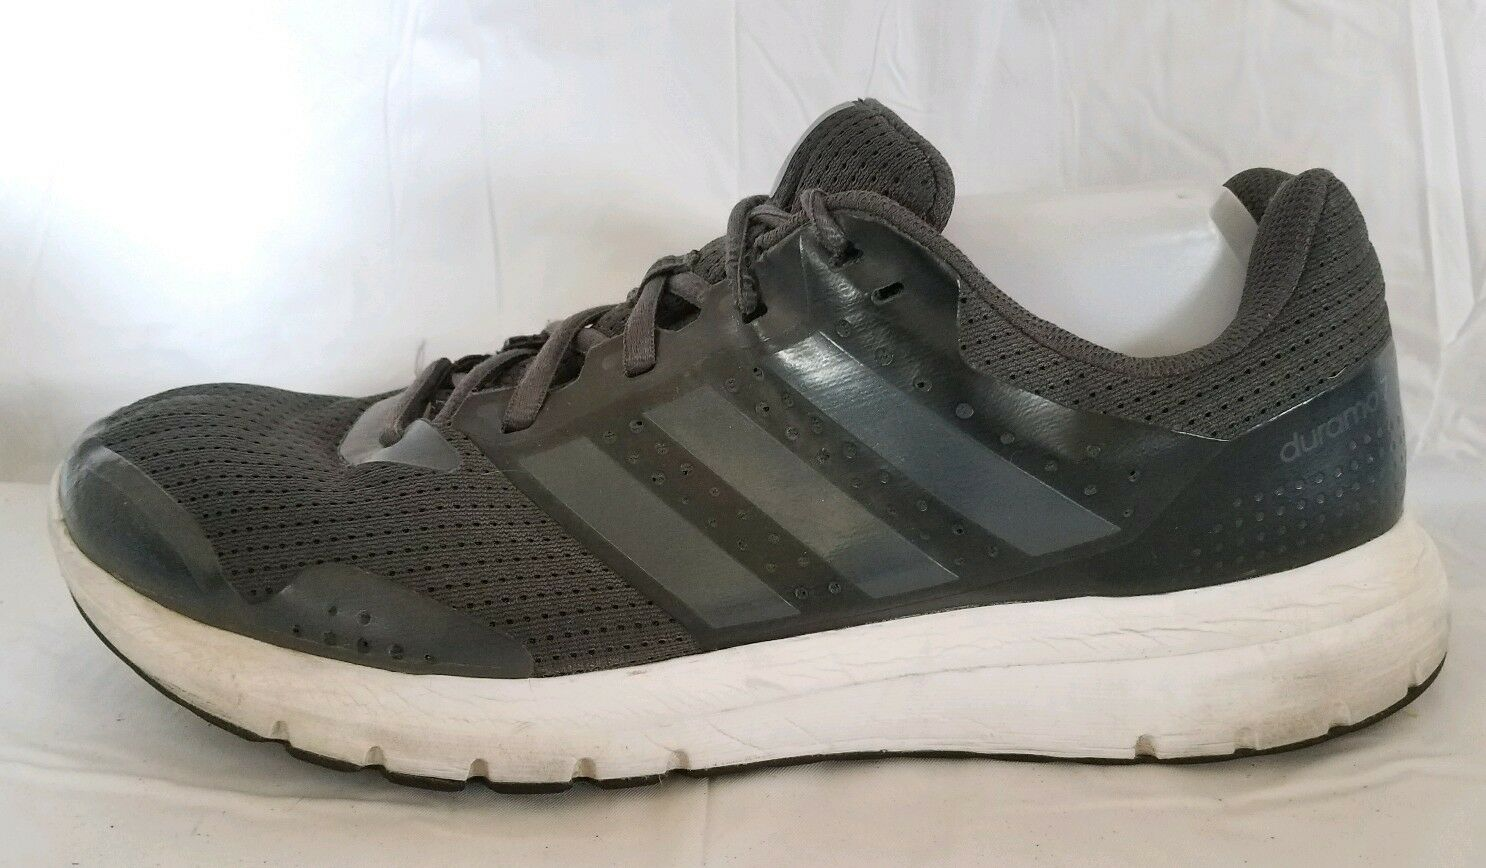 adidas duramo mens 9,5 med - sneaker af6663 schwarz - wanderschuhe grau - weißen läuft wanderschuhe - 960de9